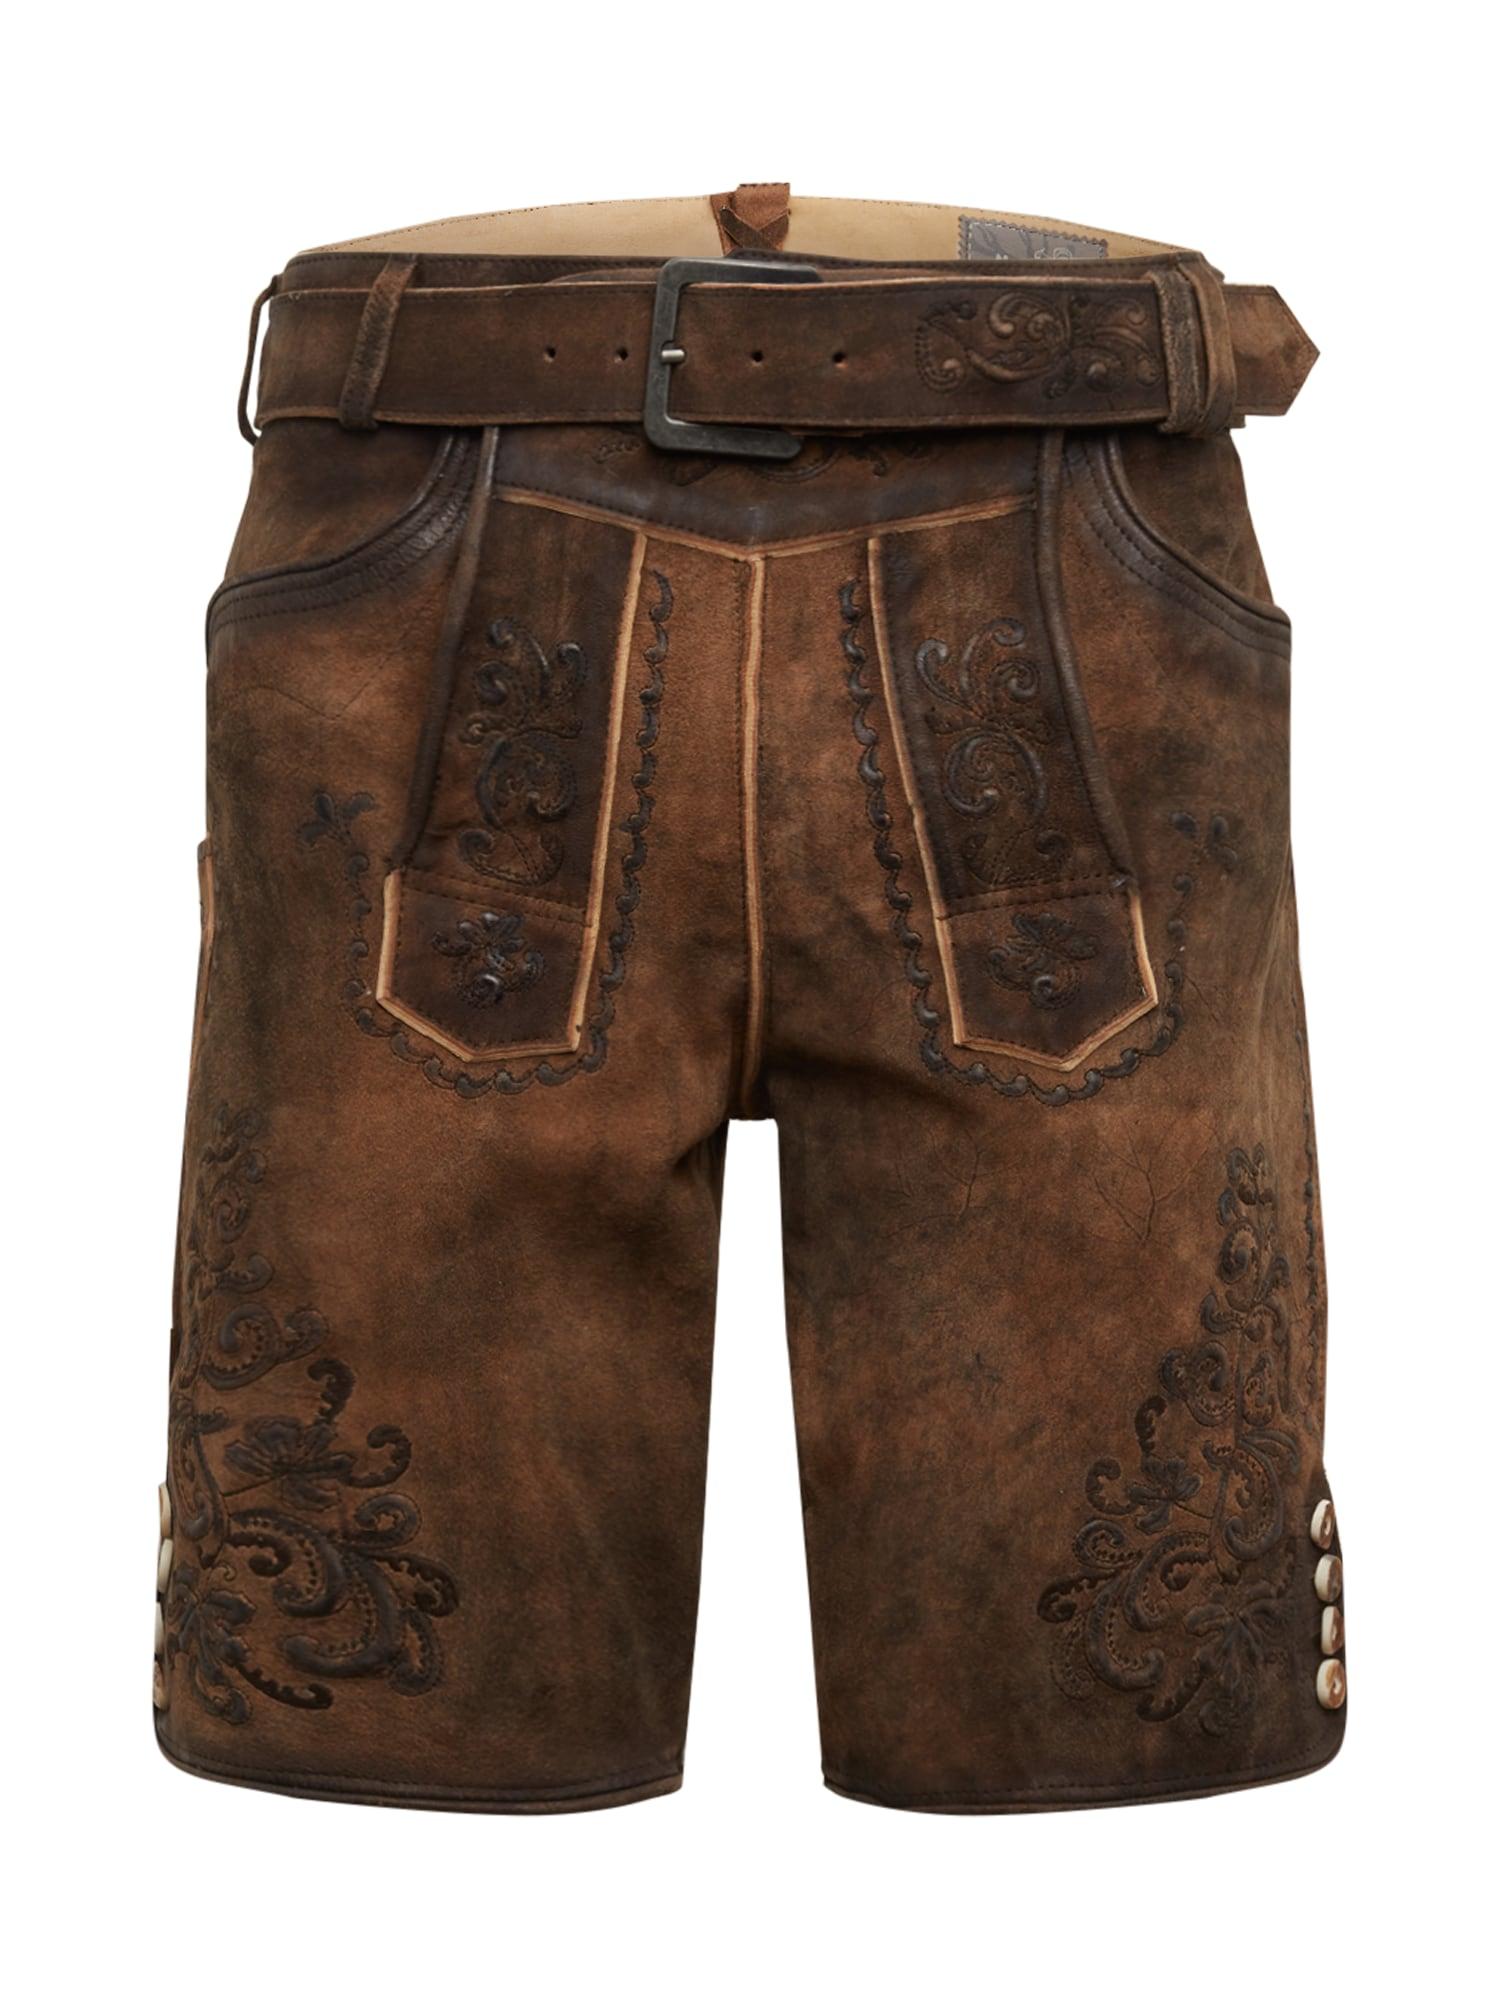 MARJO Kelnės su tradiciniais raštais '017 Anastasio' tamsiai ruda